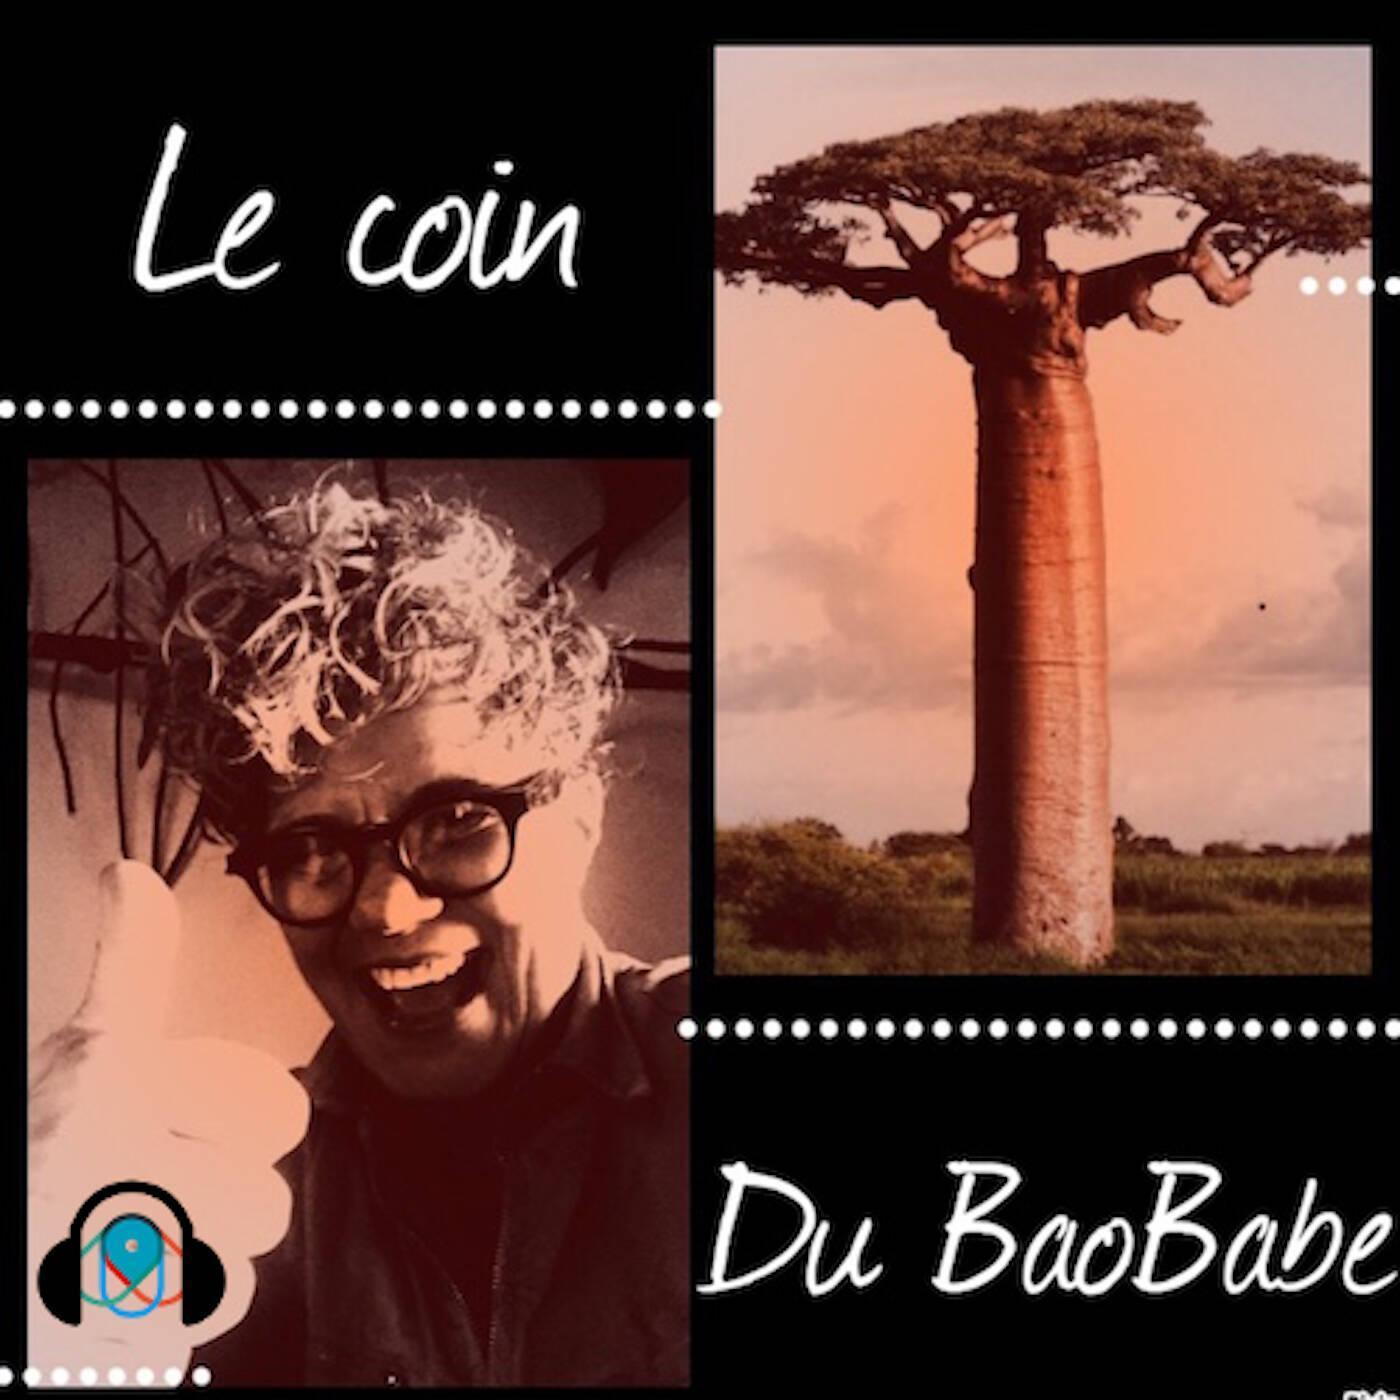 LE COIN DU BAOBABE S1E11